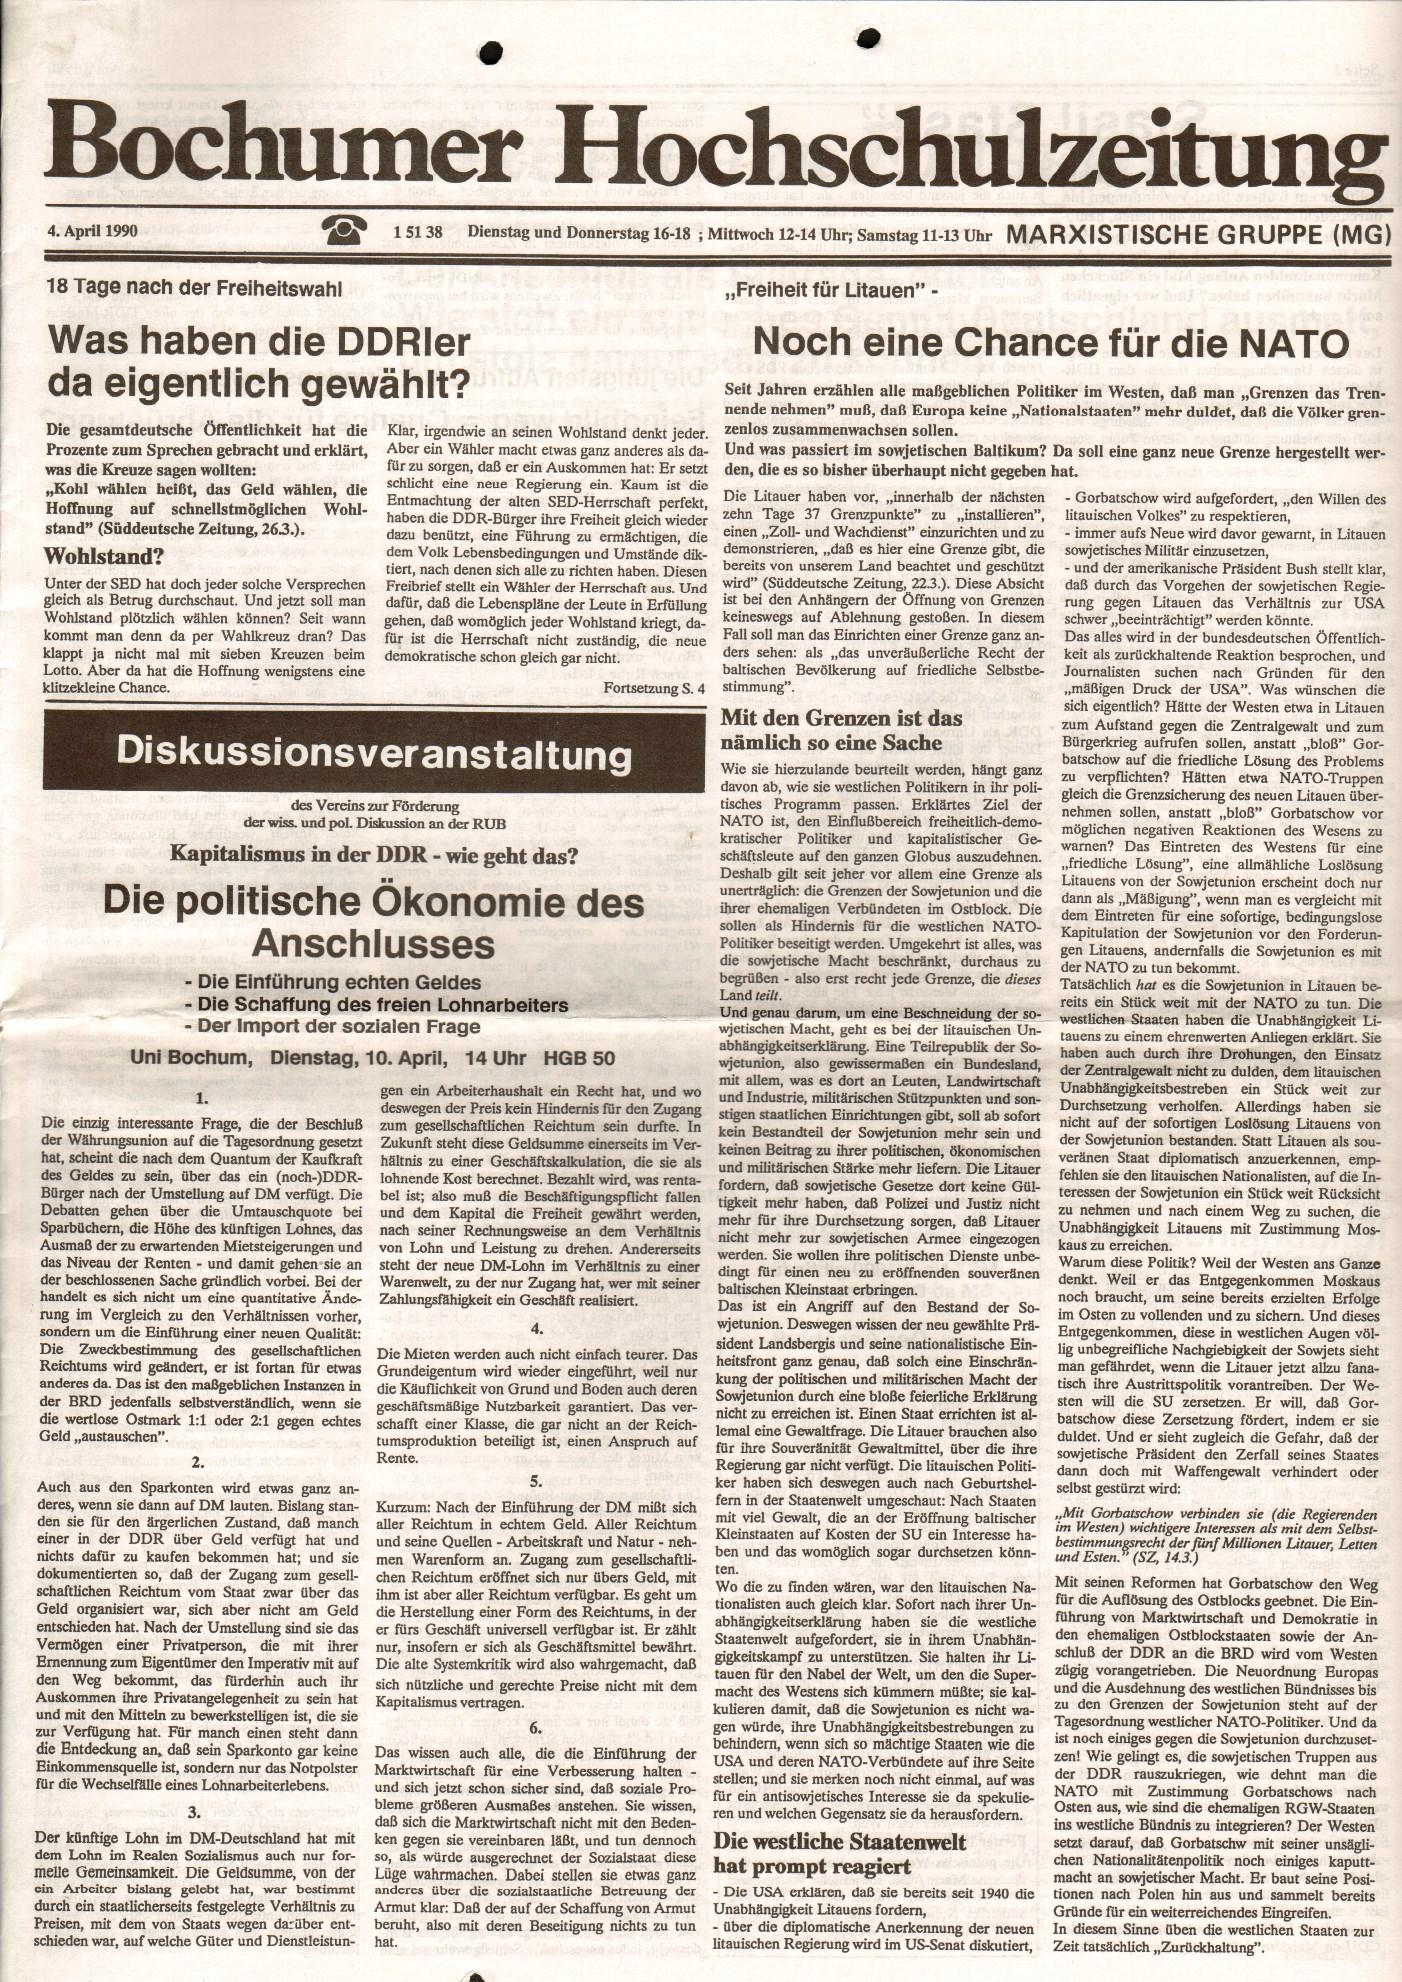 MG_Bochumer_Hochschulzeitung_19900404_01